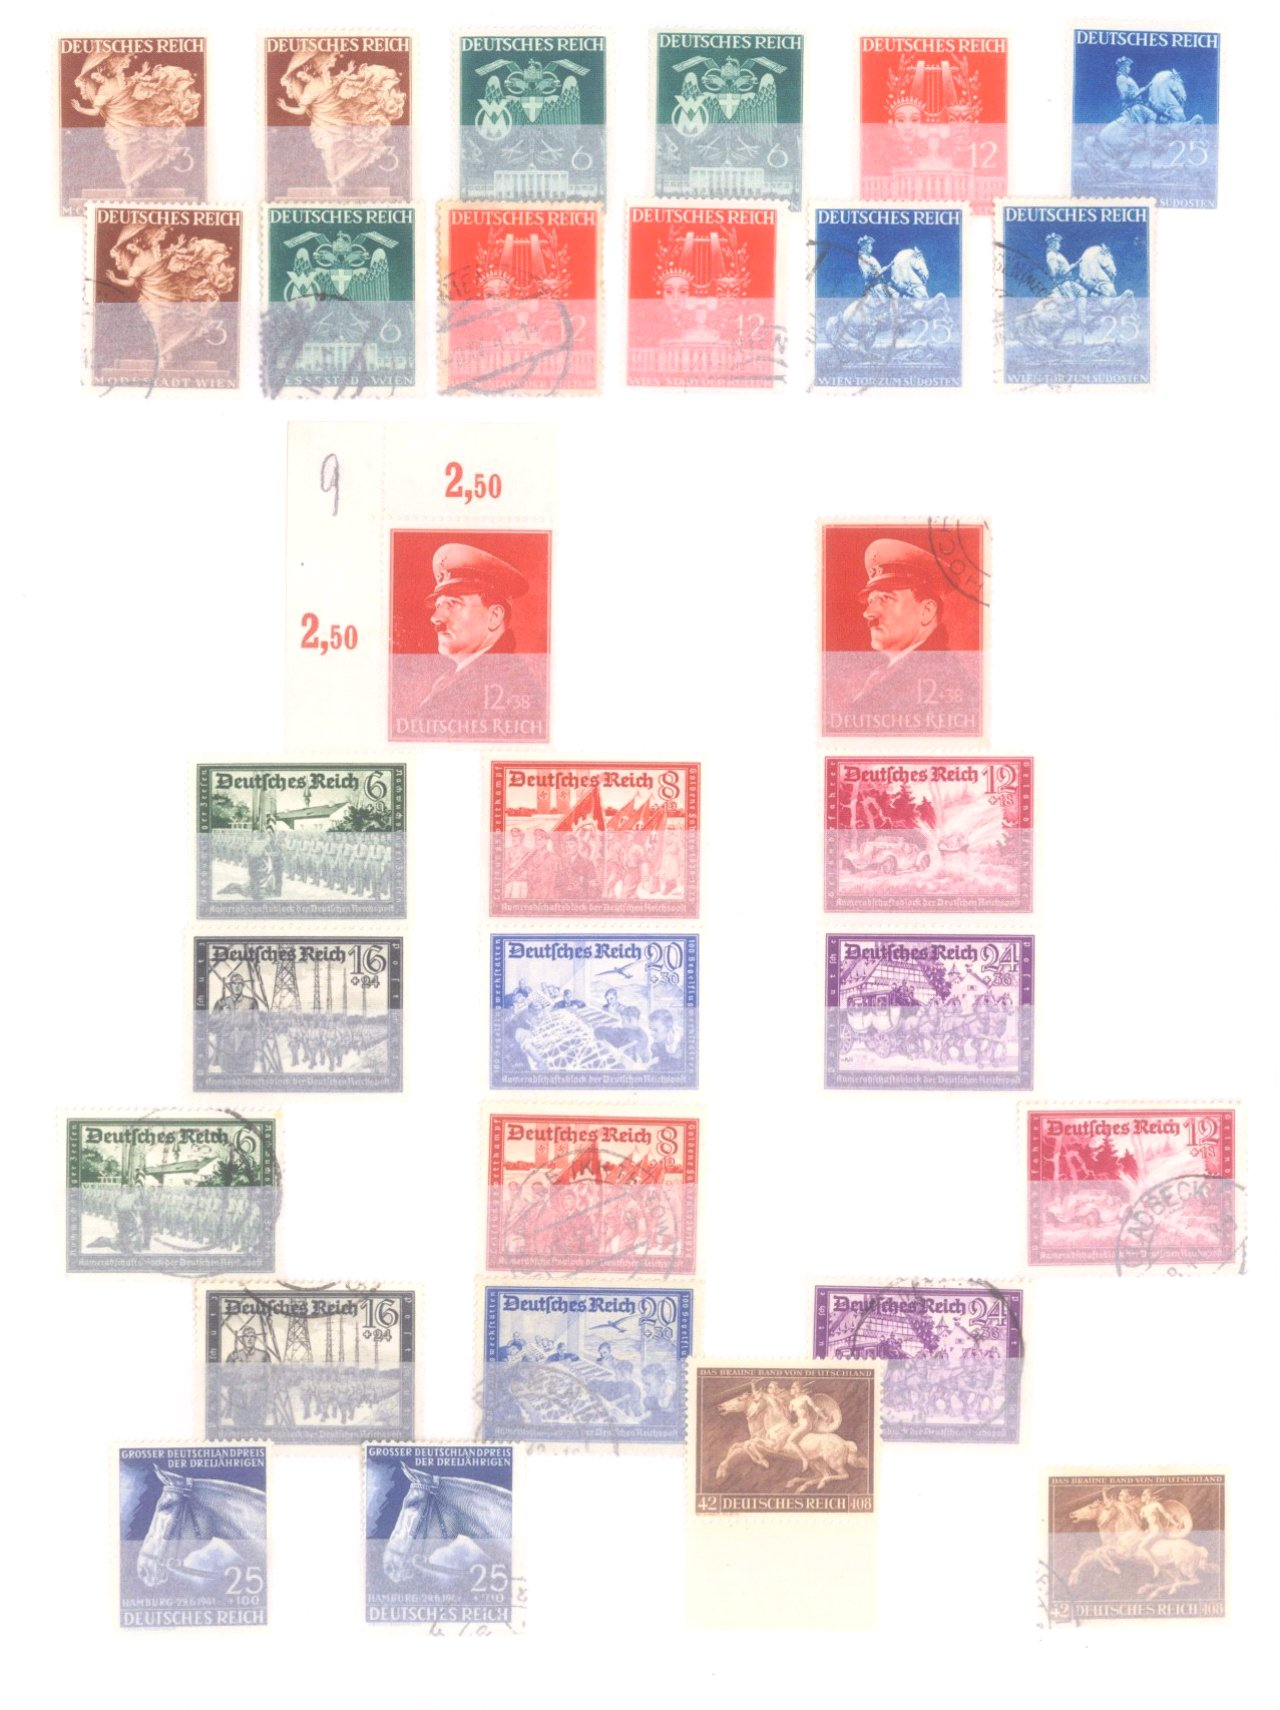 Sammlung Deutsches Reich in 2 Alben, 1933-1945-19